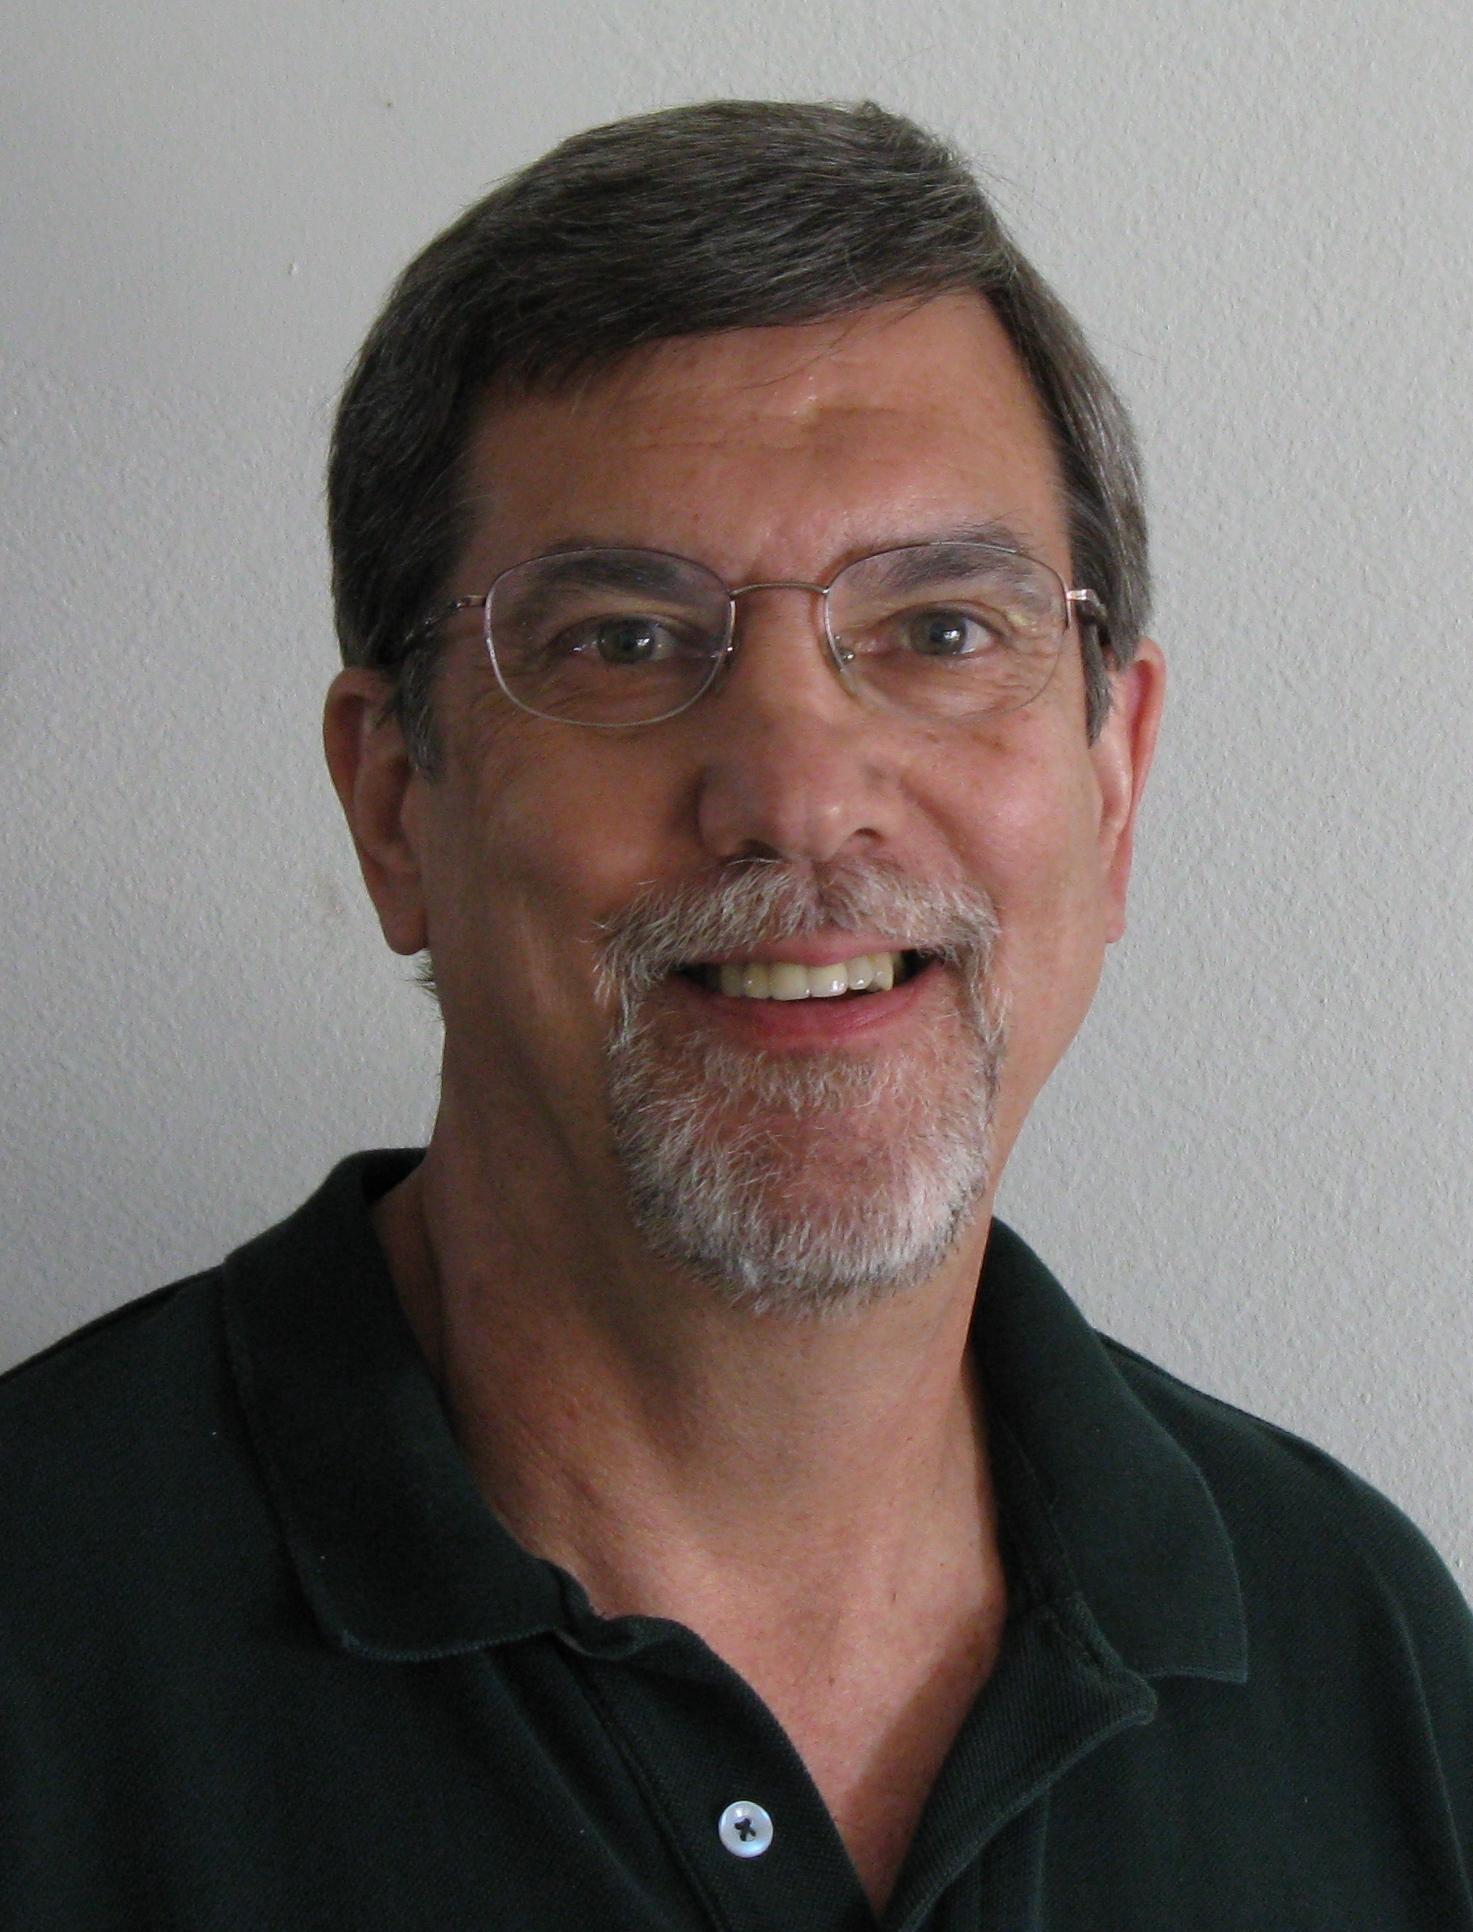 Robert Krol